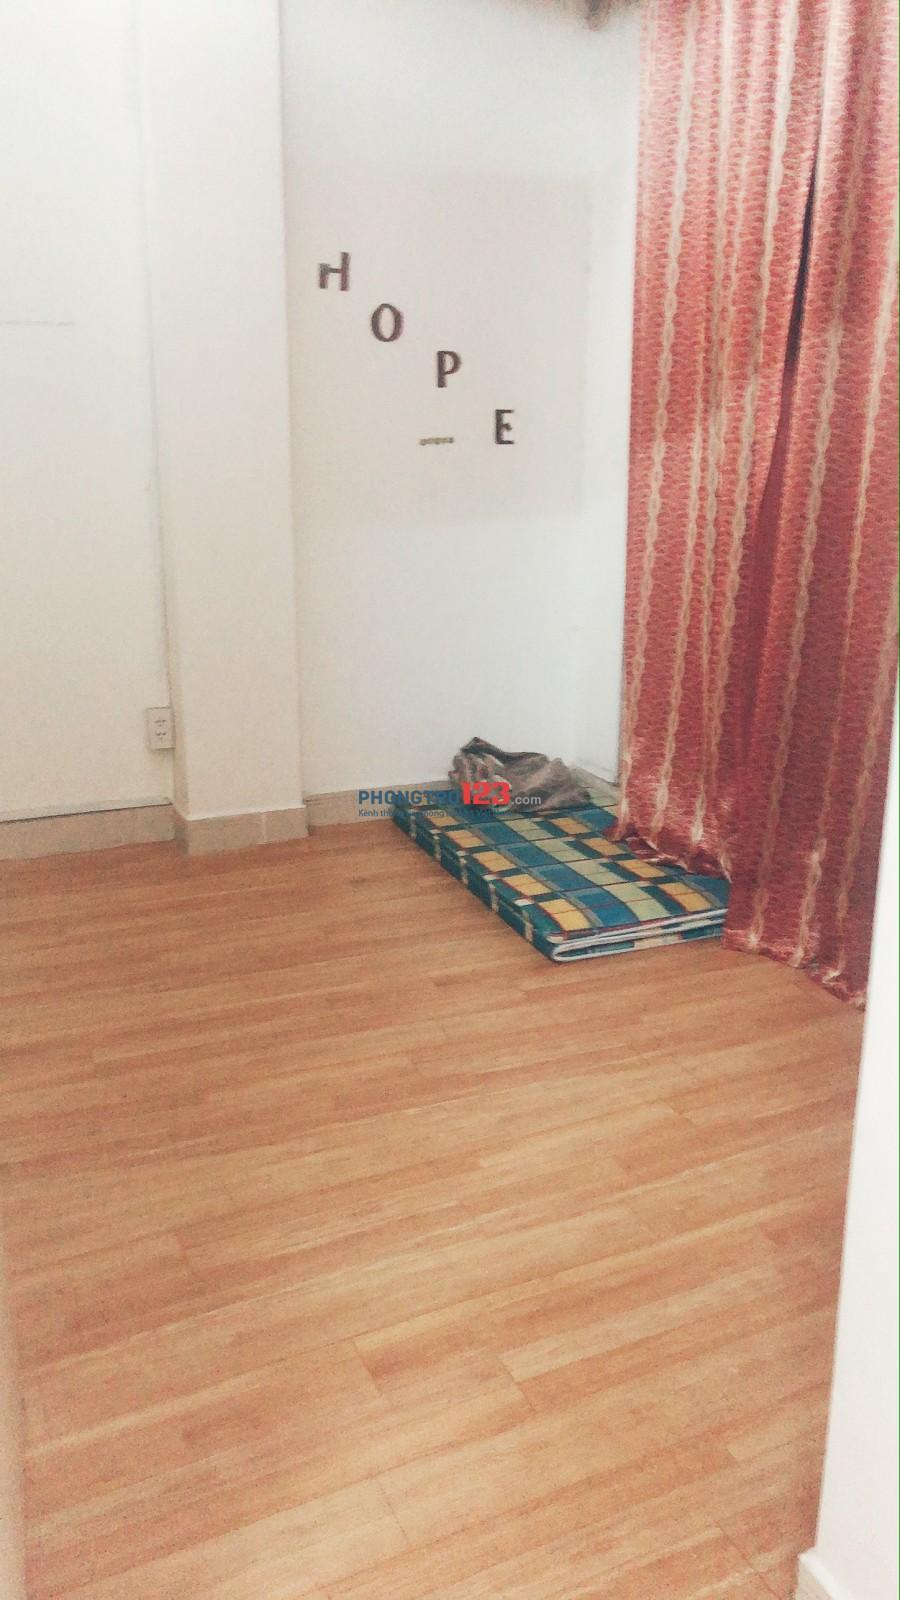 Quận 3, cho thuê nguyên căn hộ 1 phòng khách, 2 phòng ngủ, 40m2 có thang máy giá 5,8 tr y hình